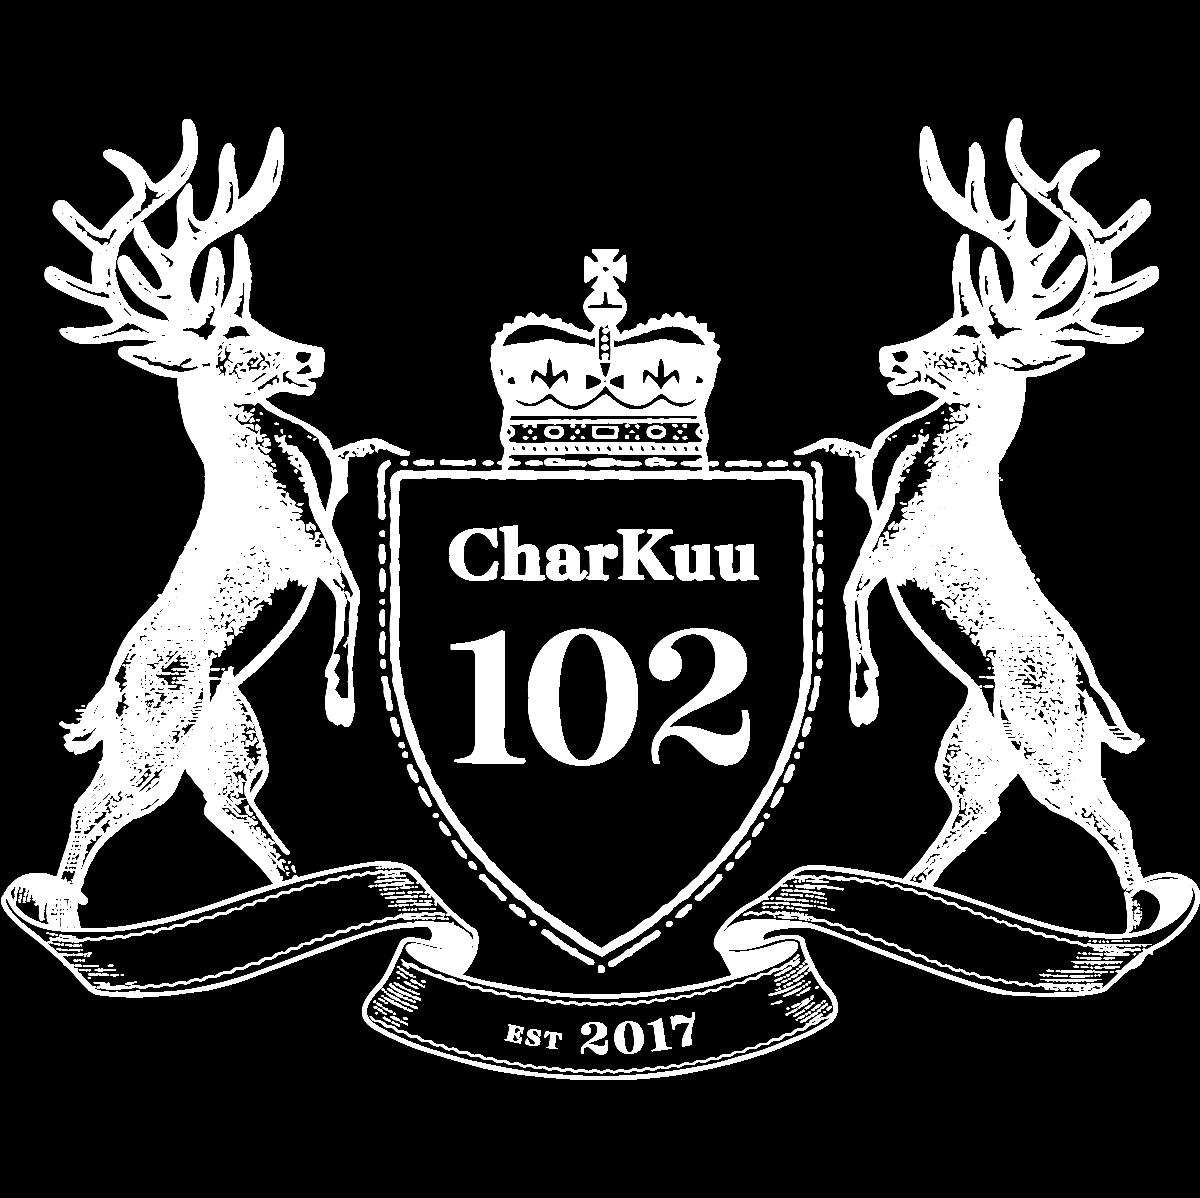 CHARKUU 102